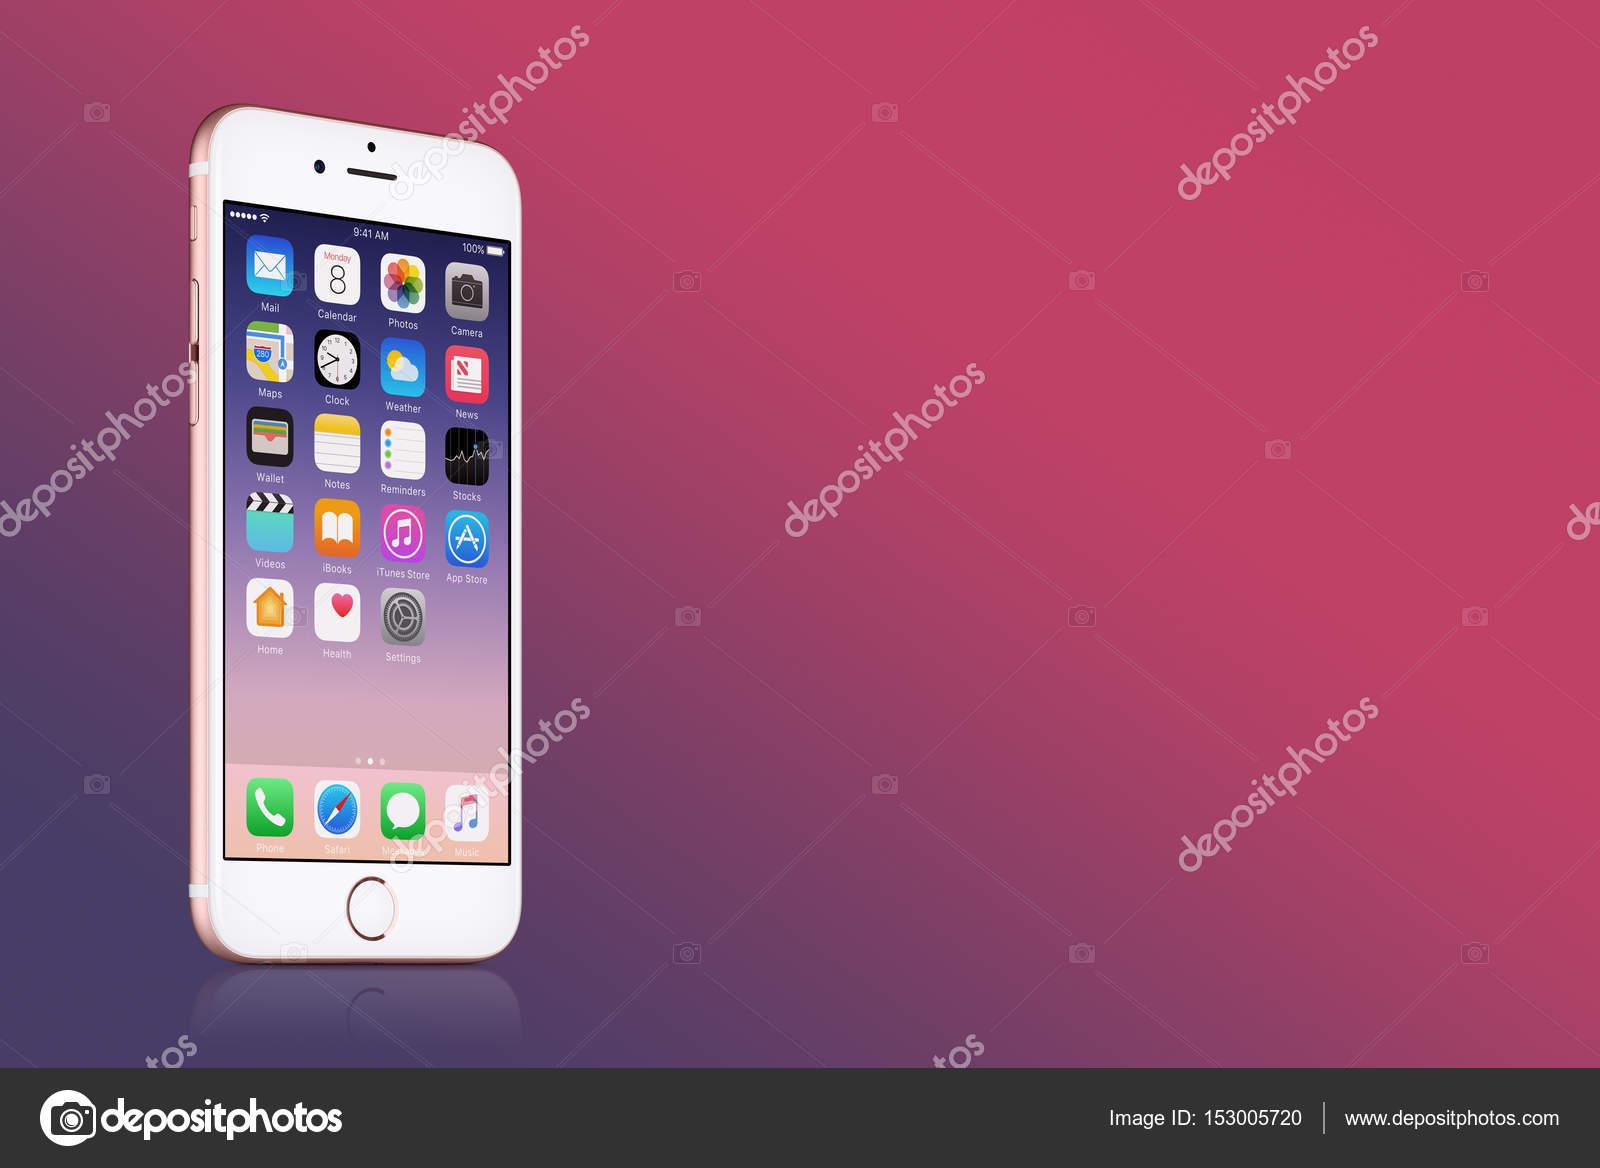 Rose Gold Apple Iphone 7 Con Ios 10 Sullo Schermo Su Sfondo Rosa